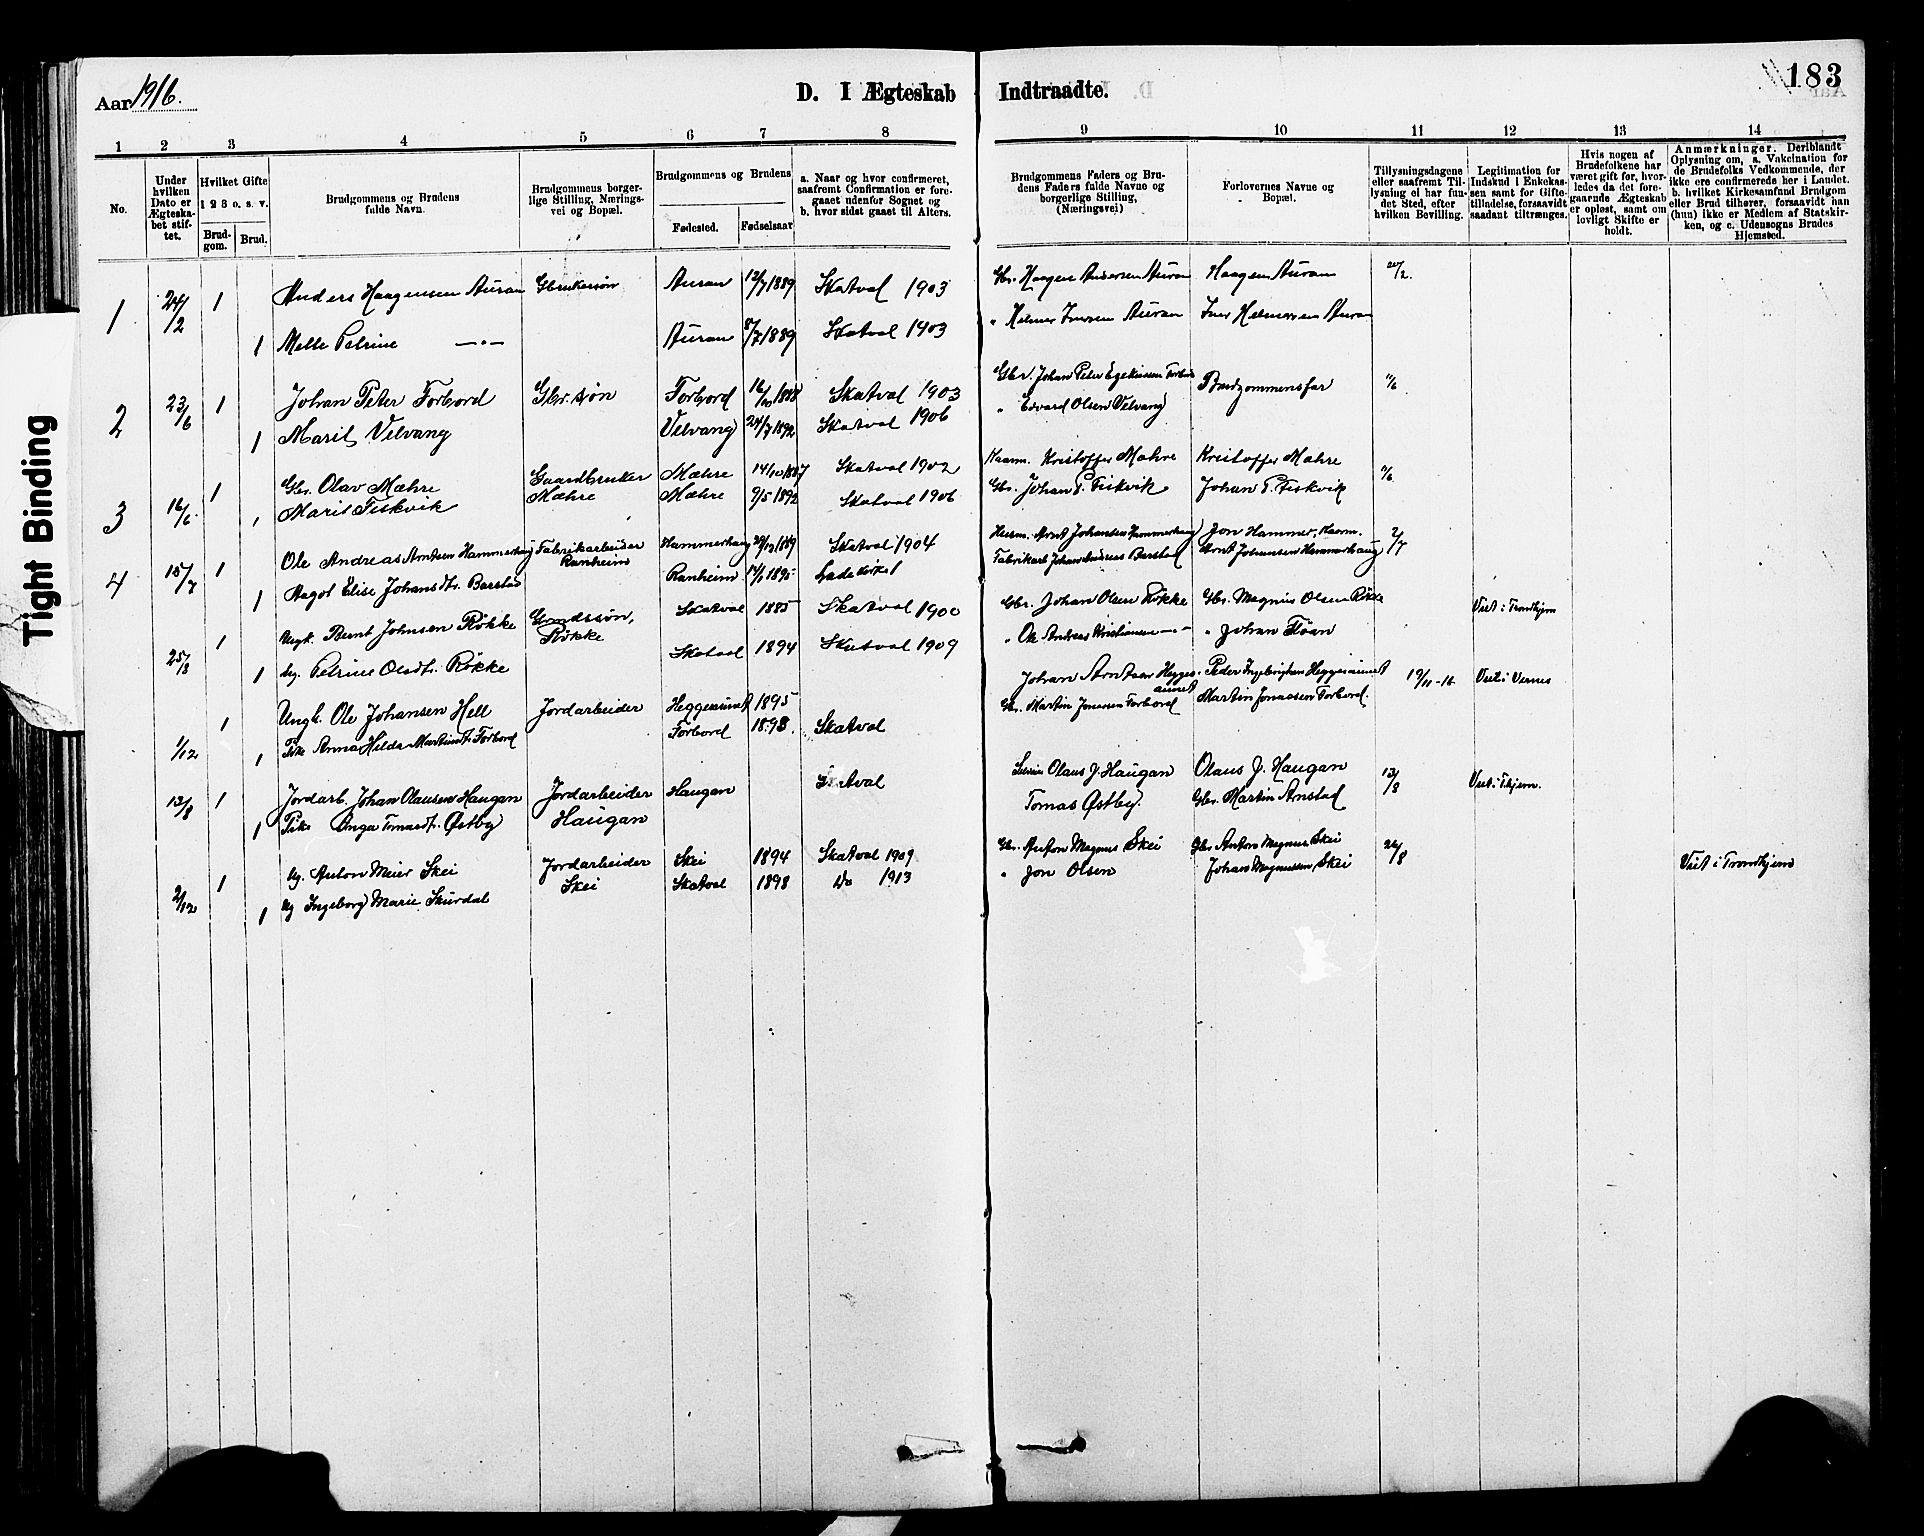 SAT, Ministerialprotokoller, klokkerbøker og fødselsregistre - Nord-Trøndelag, 712/L0103: Klokkerbok nr. 712C01, 1878-1917, s. 183